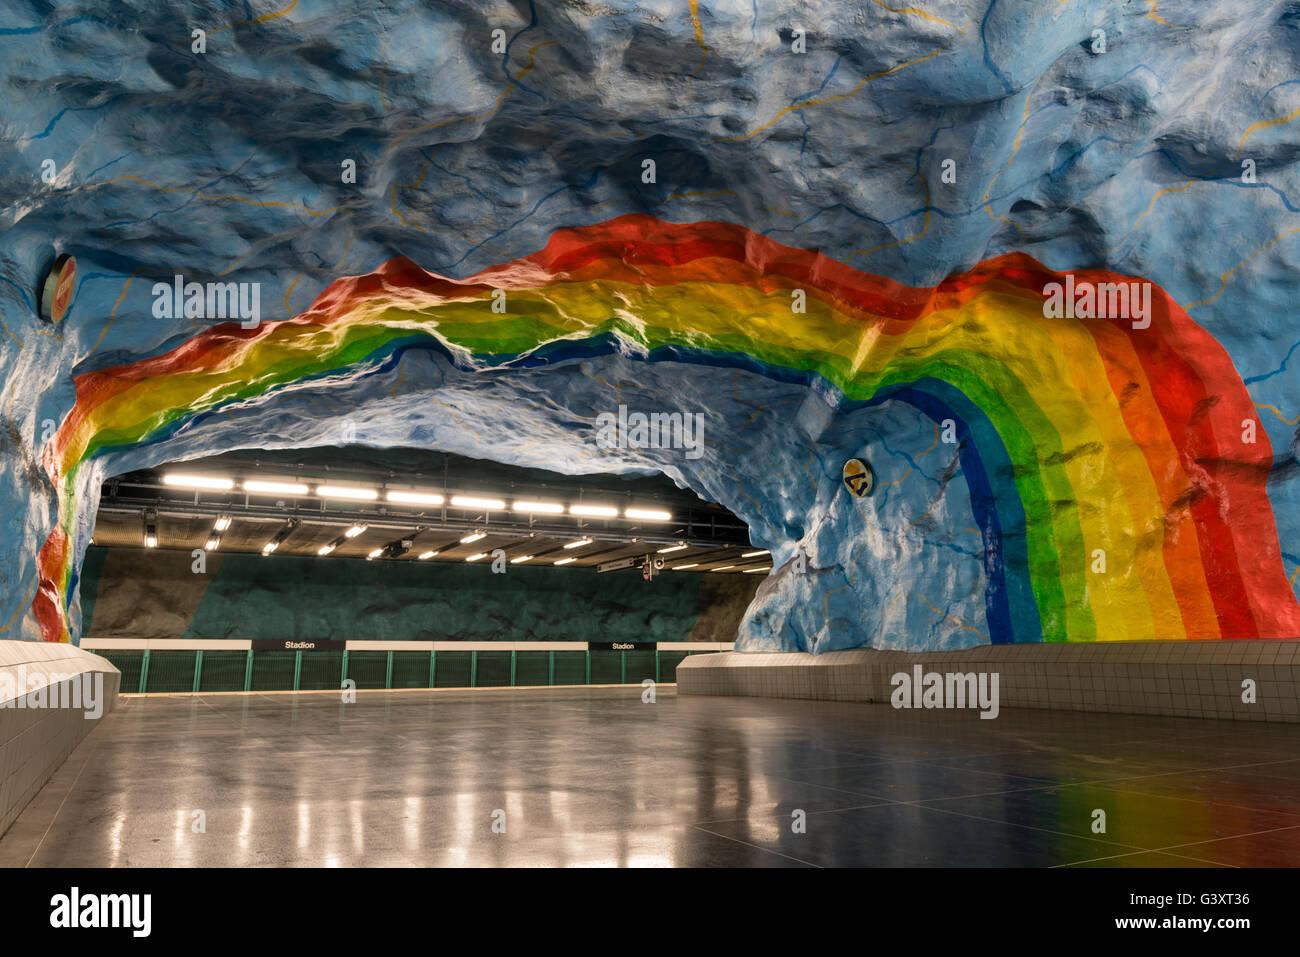 Stadion Metro Station in Stockholm, Sweden - Stock Image